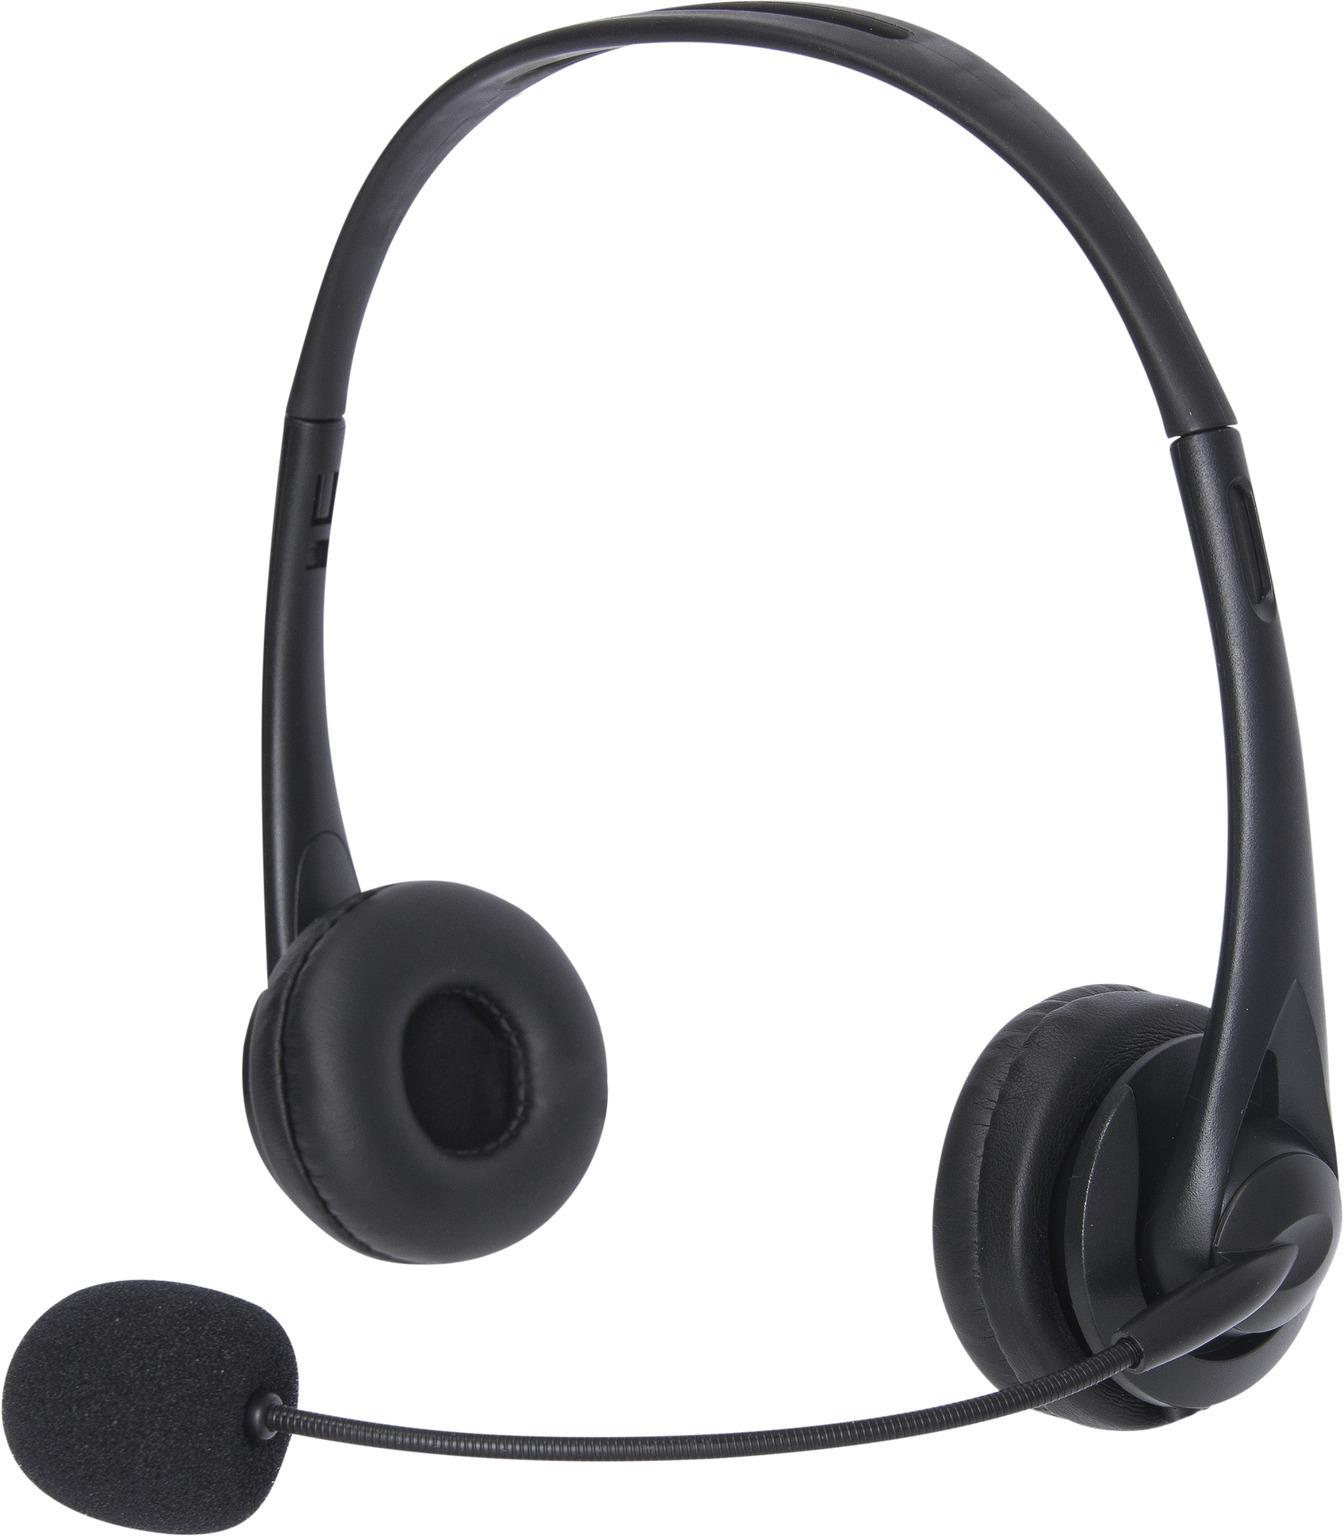 Sandberg USB Office Headset USB Office Headset, Headset,  126-12 - eet01